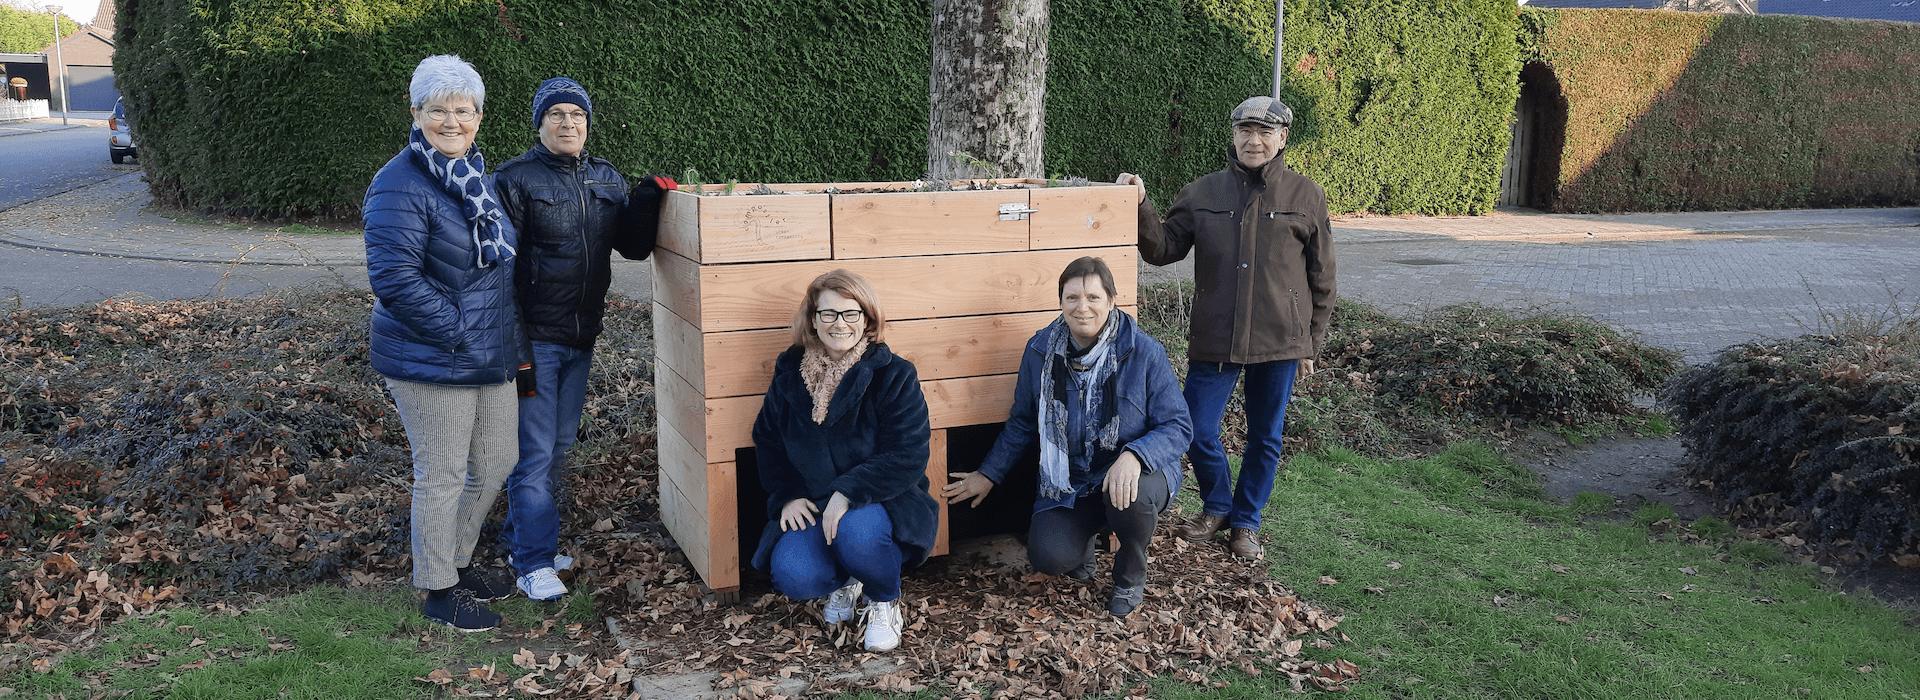 Groepsfotot van de groep wormenhotel gebruikers in Seventum (Horst aan de Maas)